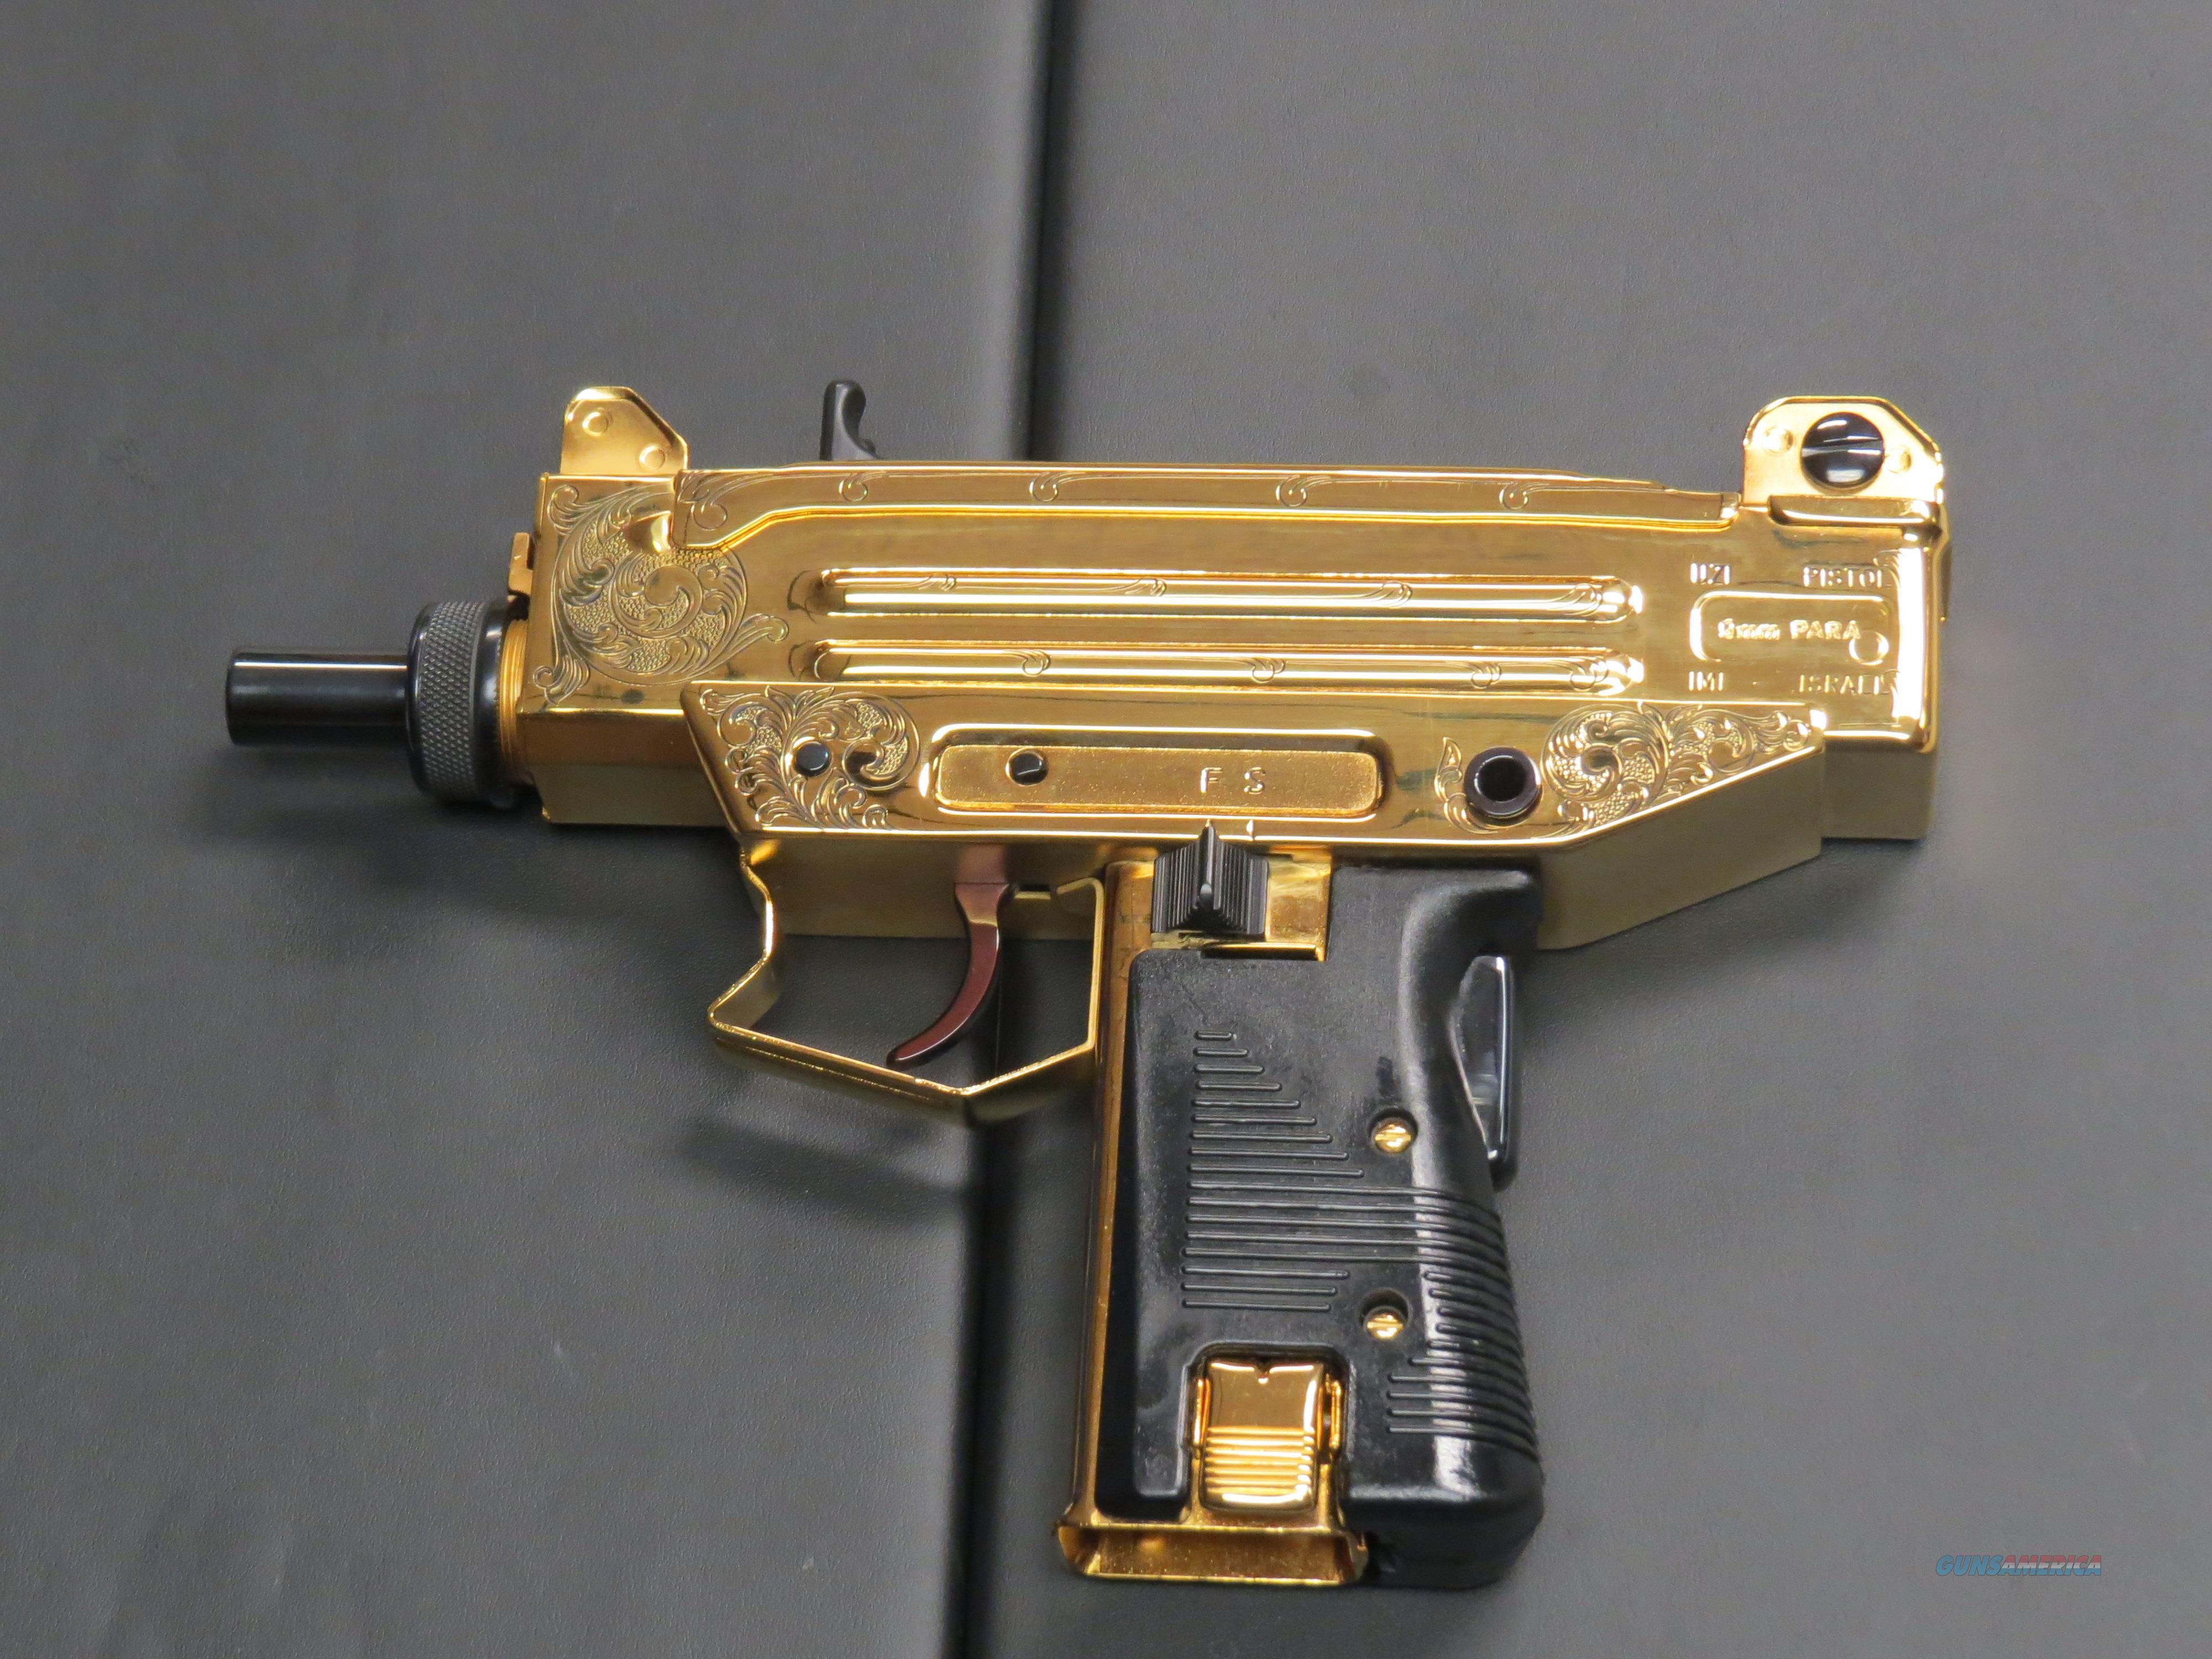 Plated Gold uzi 2019